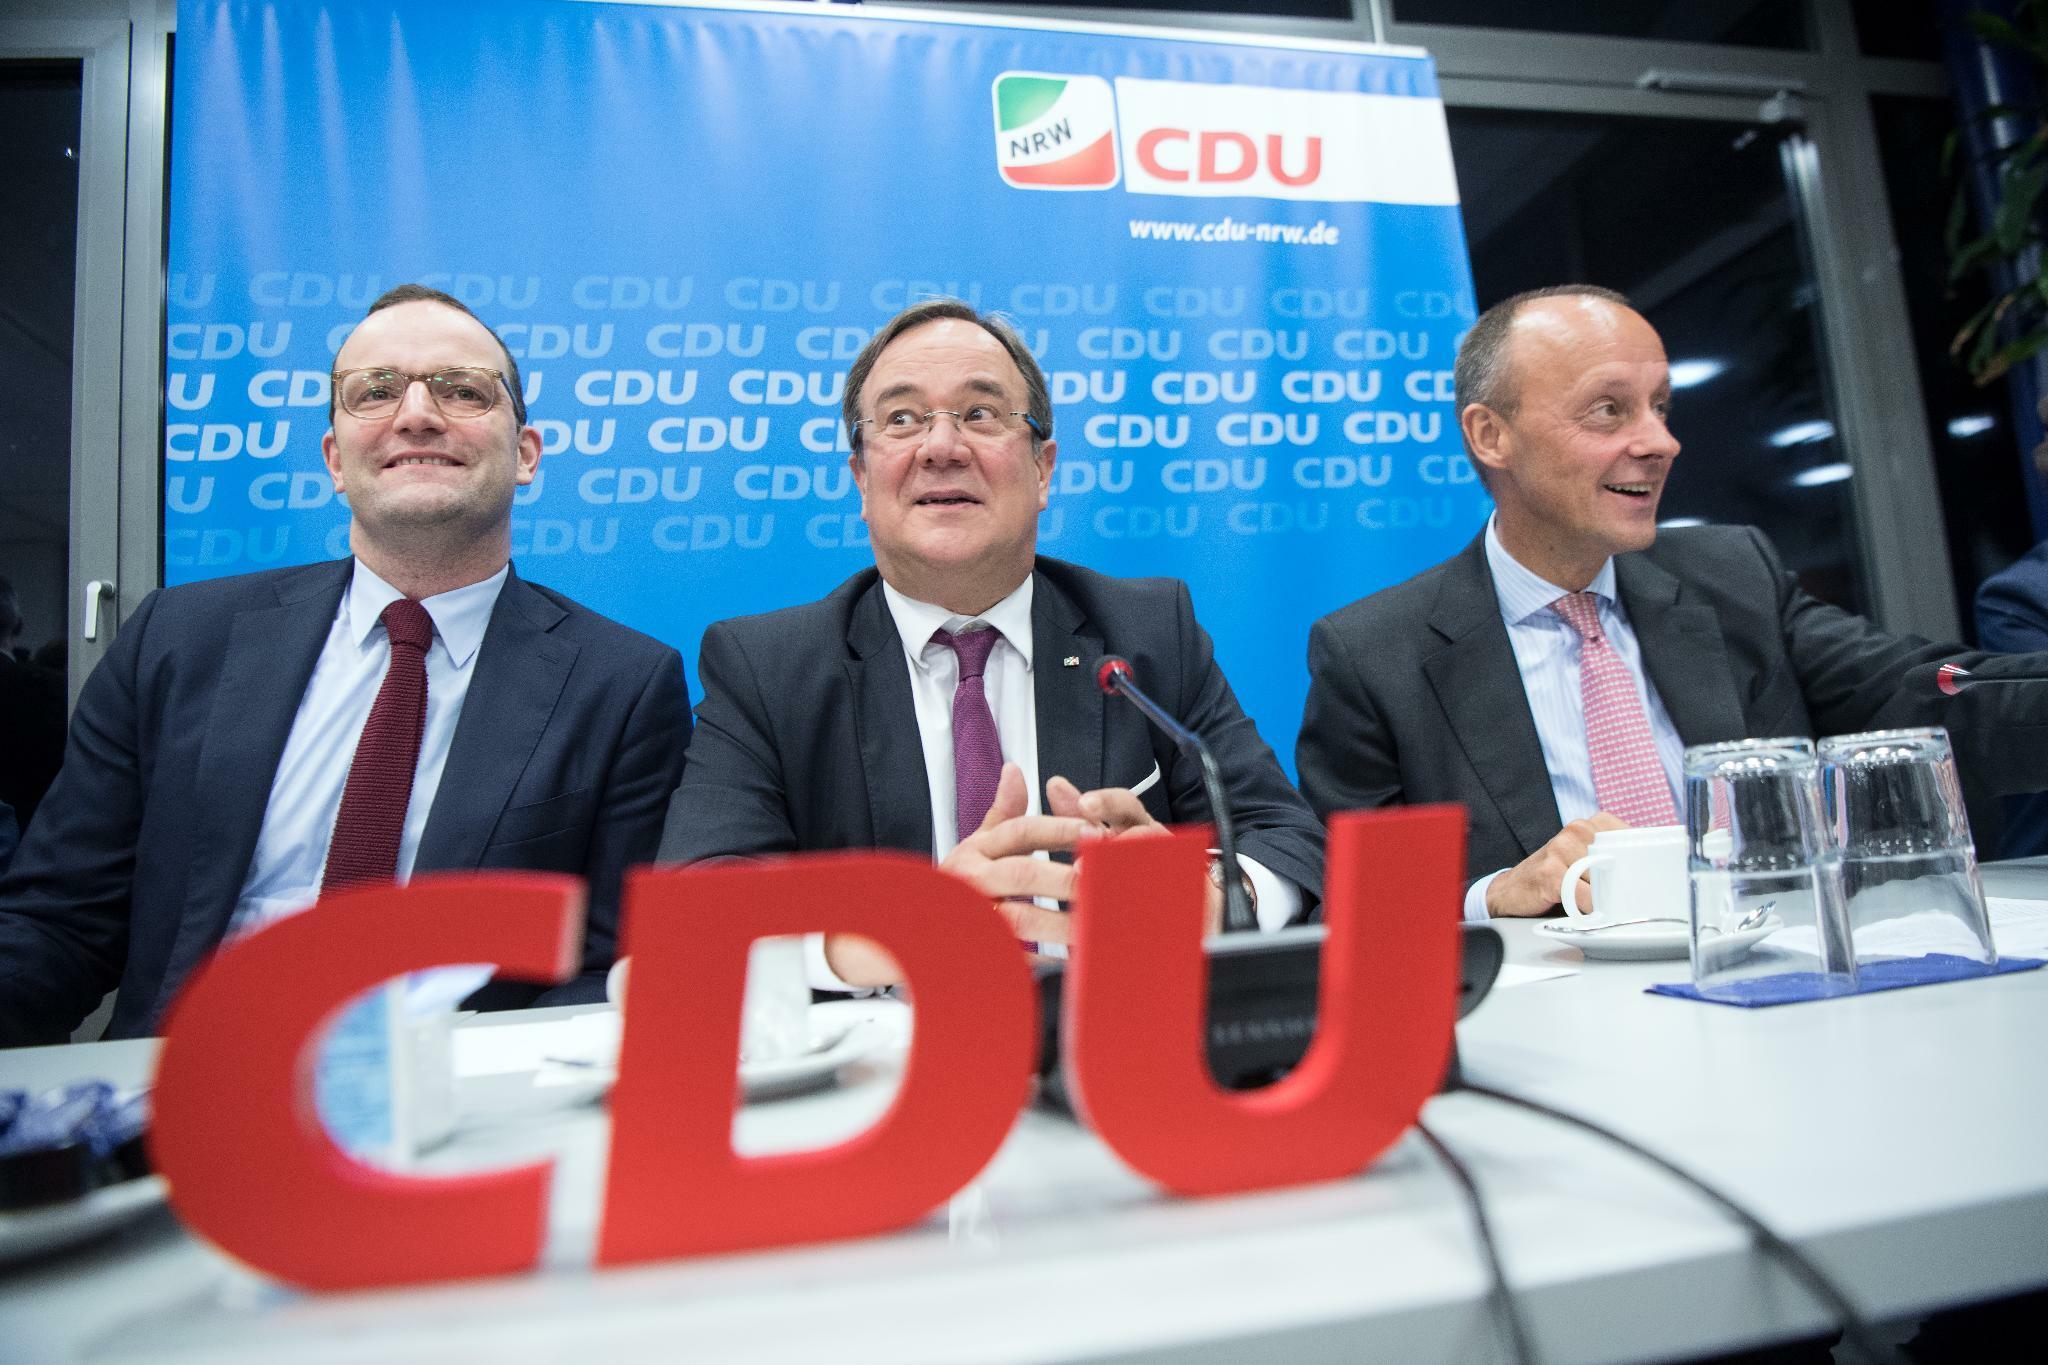 CDU und Minderheitsregierung - Wer dafür ist und wer dagegen